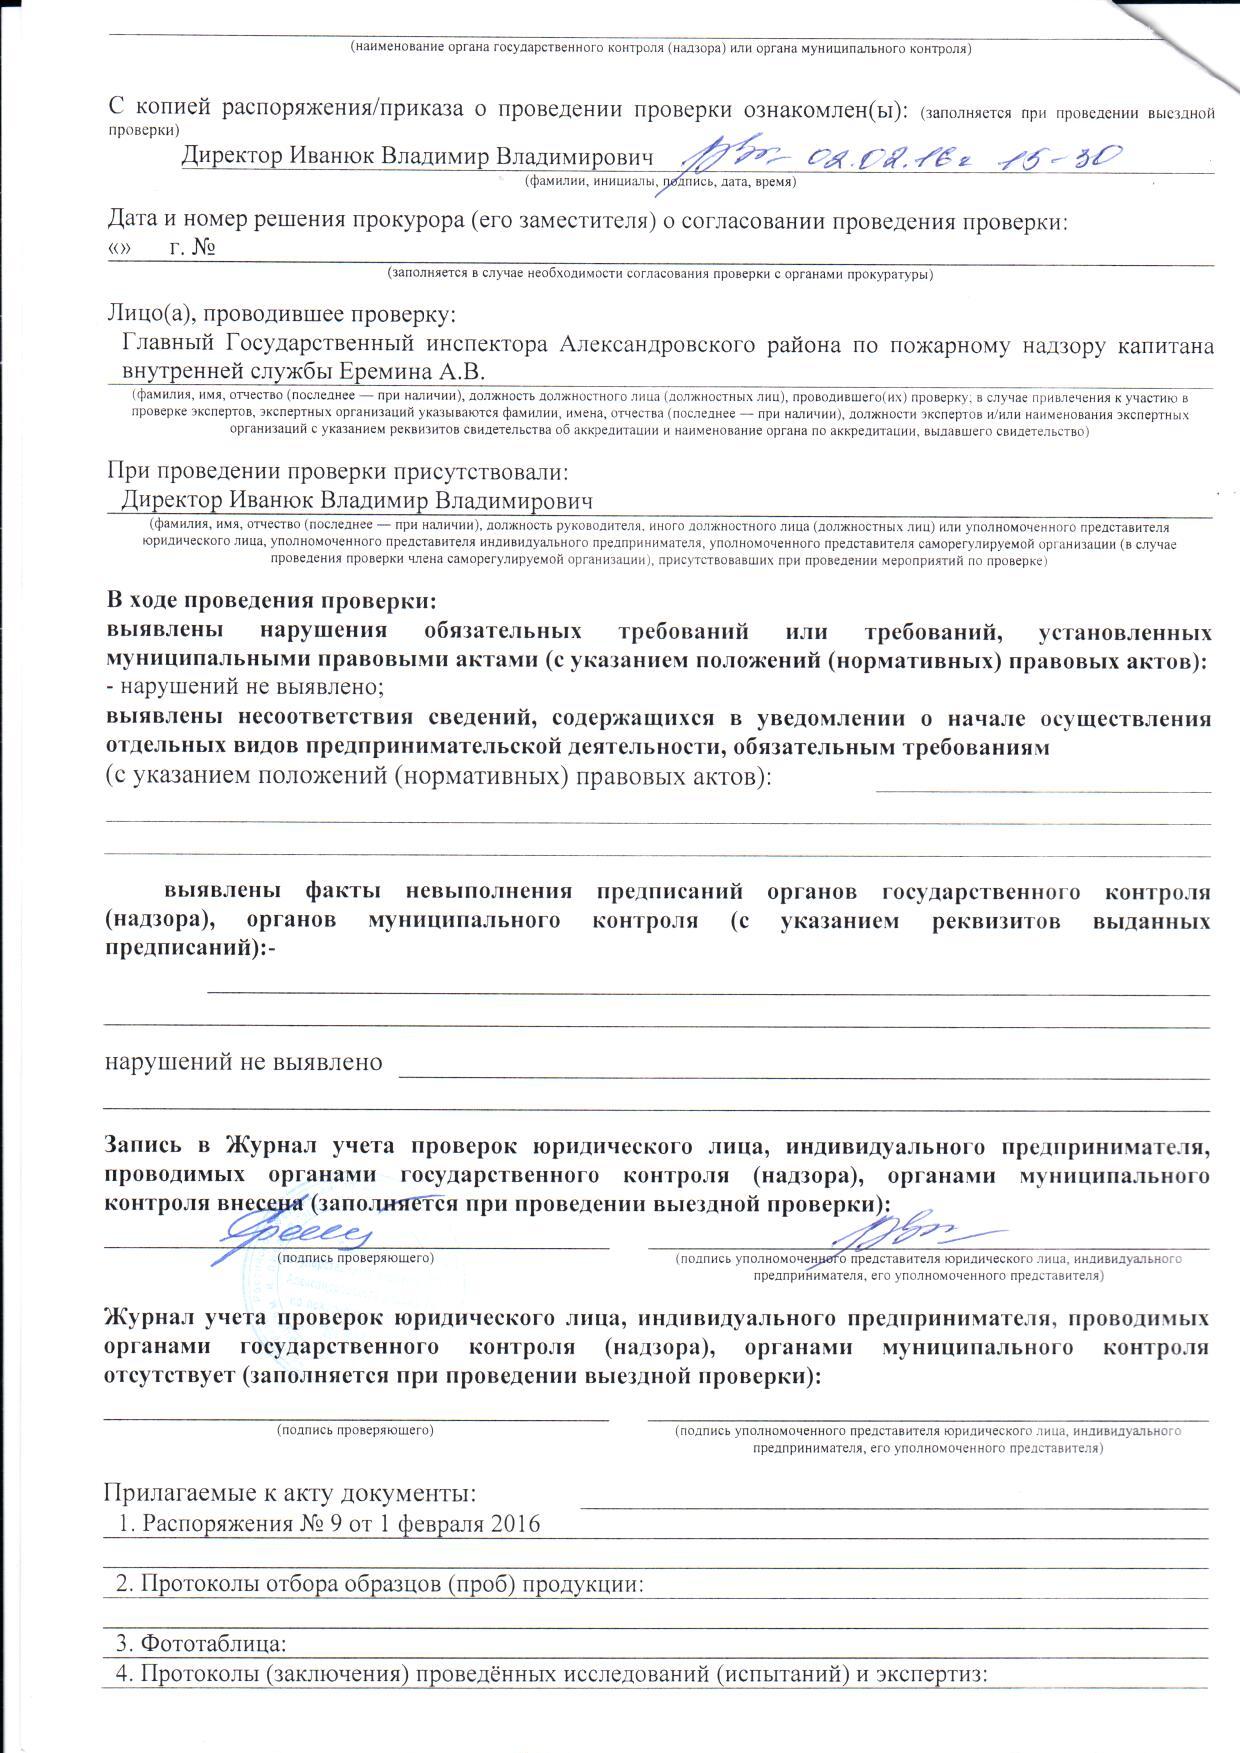 Акт проверки МЧС от 16.02.2016 (1)